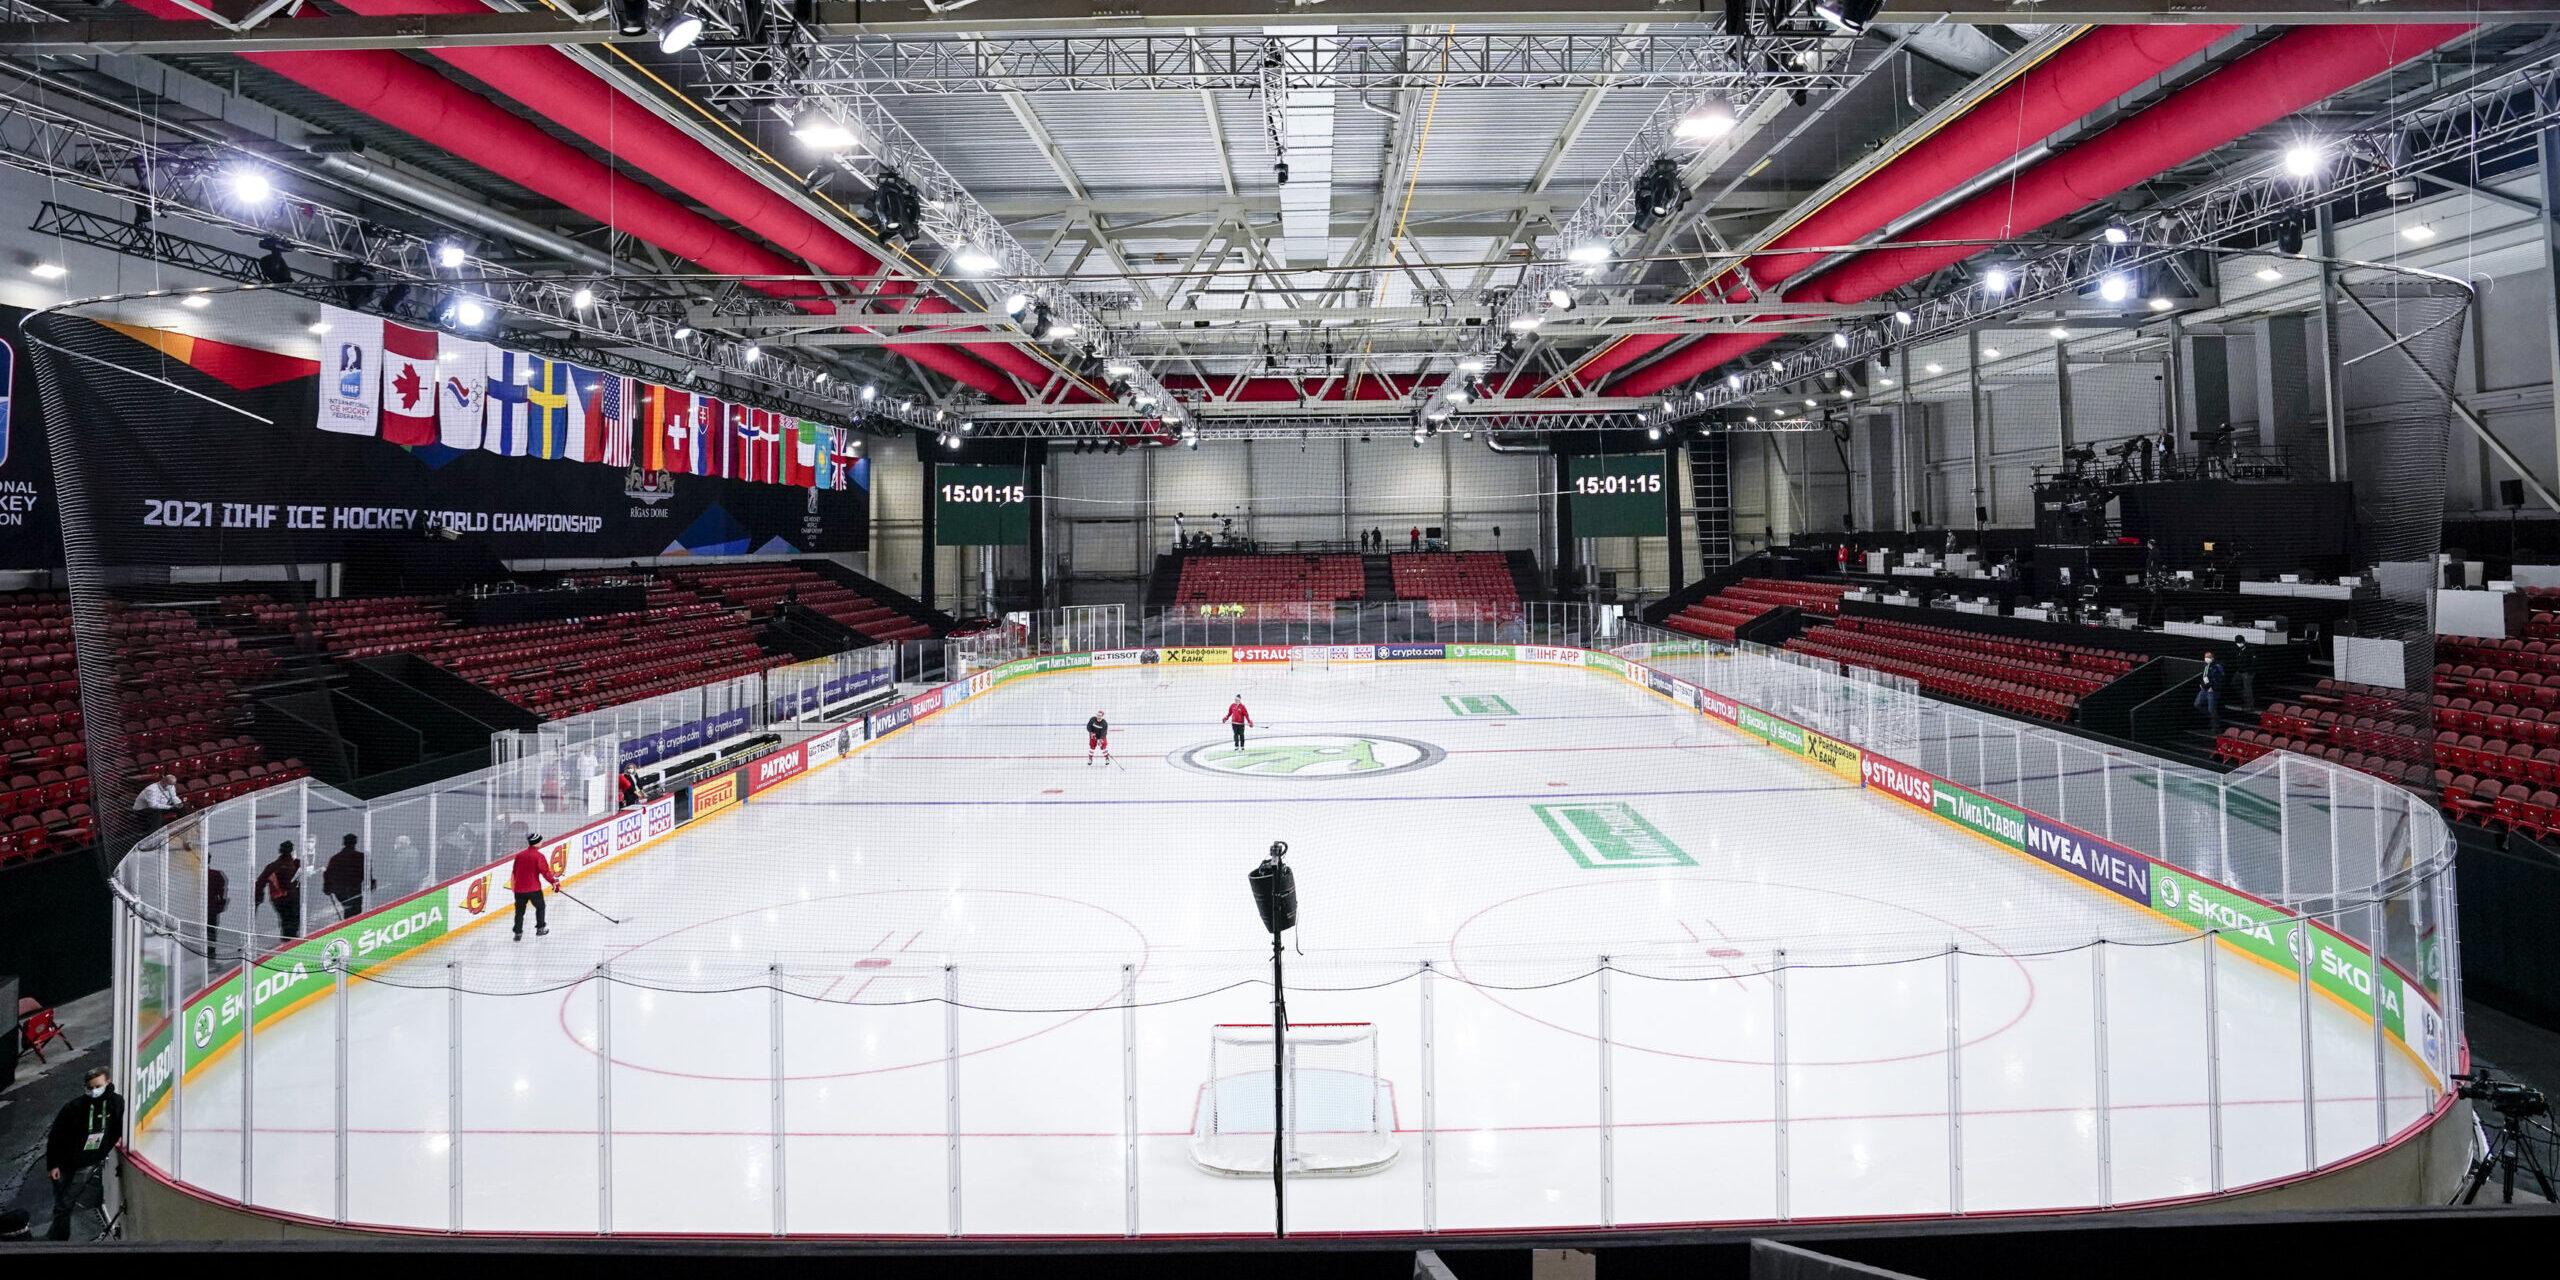 se ishockey vm 2021 på TV